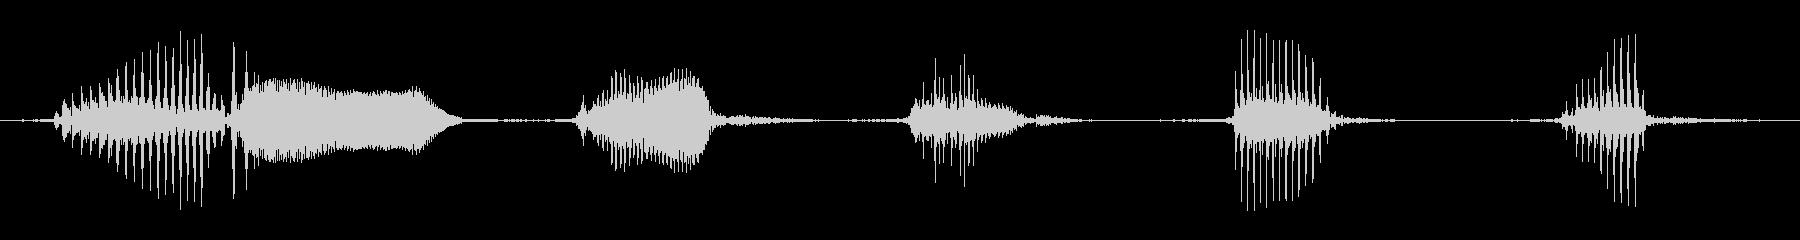 イーッヒッヒッヒッヒの未再生の波形